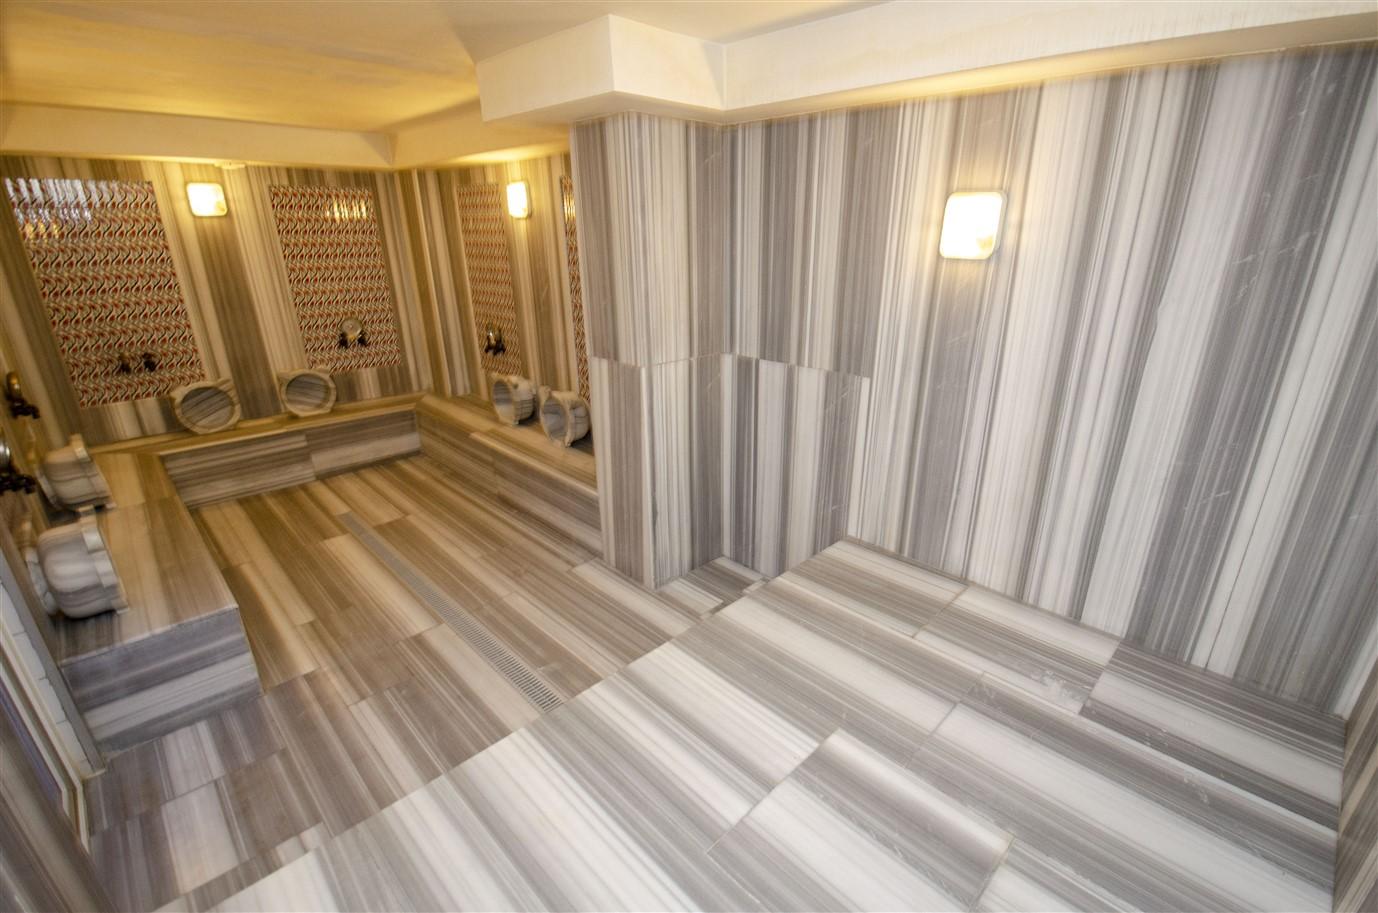 Трёхкомнатная квартира в микрорайоне Лиман - Анталья - Фото 29